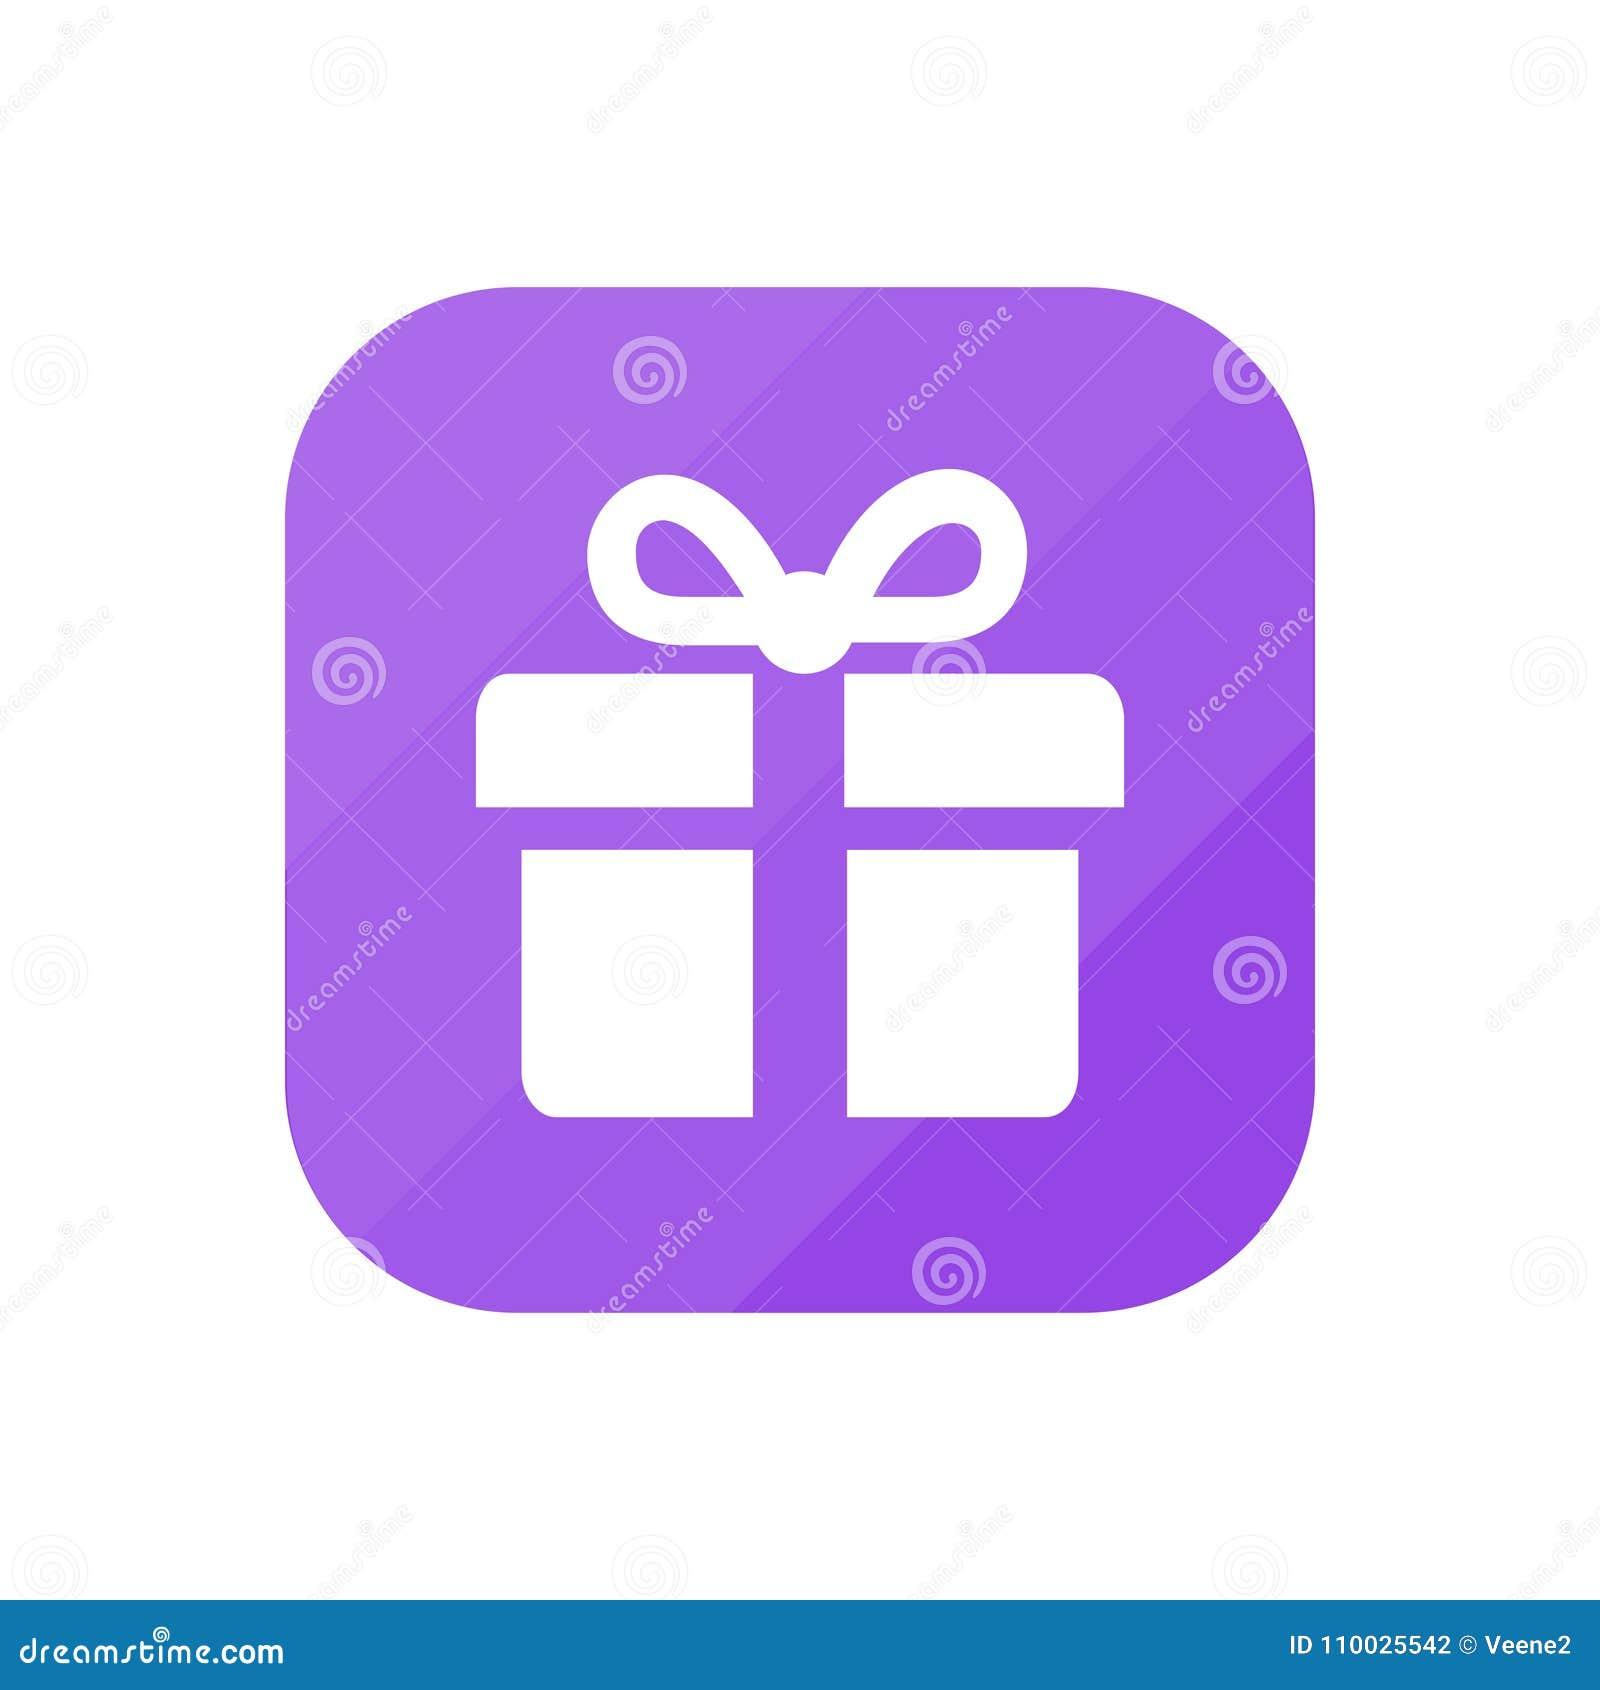 Gift - App Pictogram